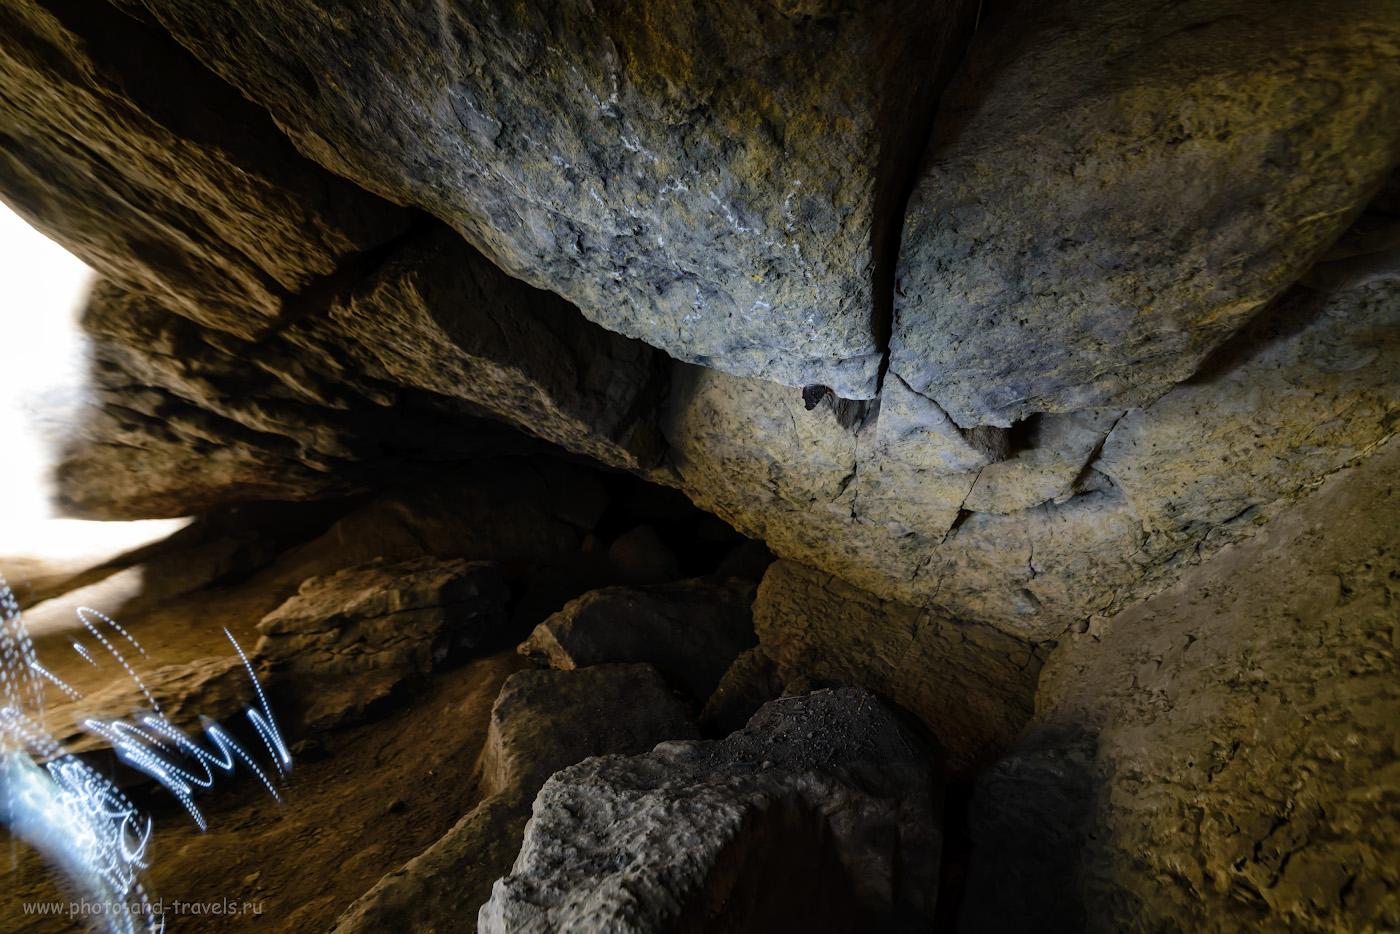 Фотография 28. Бабочка, зимующая в Зотинской пещере. Освещал фонариком. 30 сек., -0.67, 5.6, 800, 14.